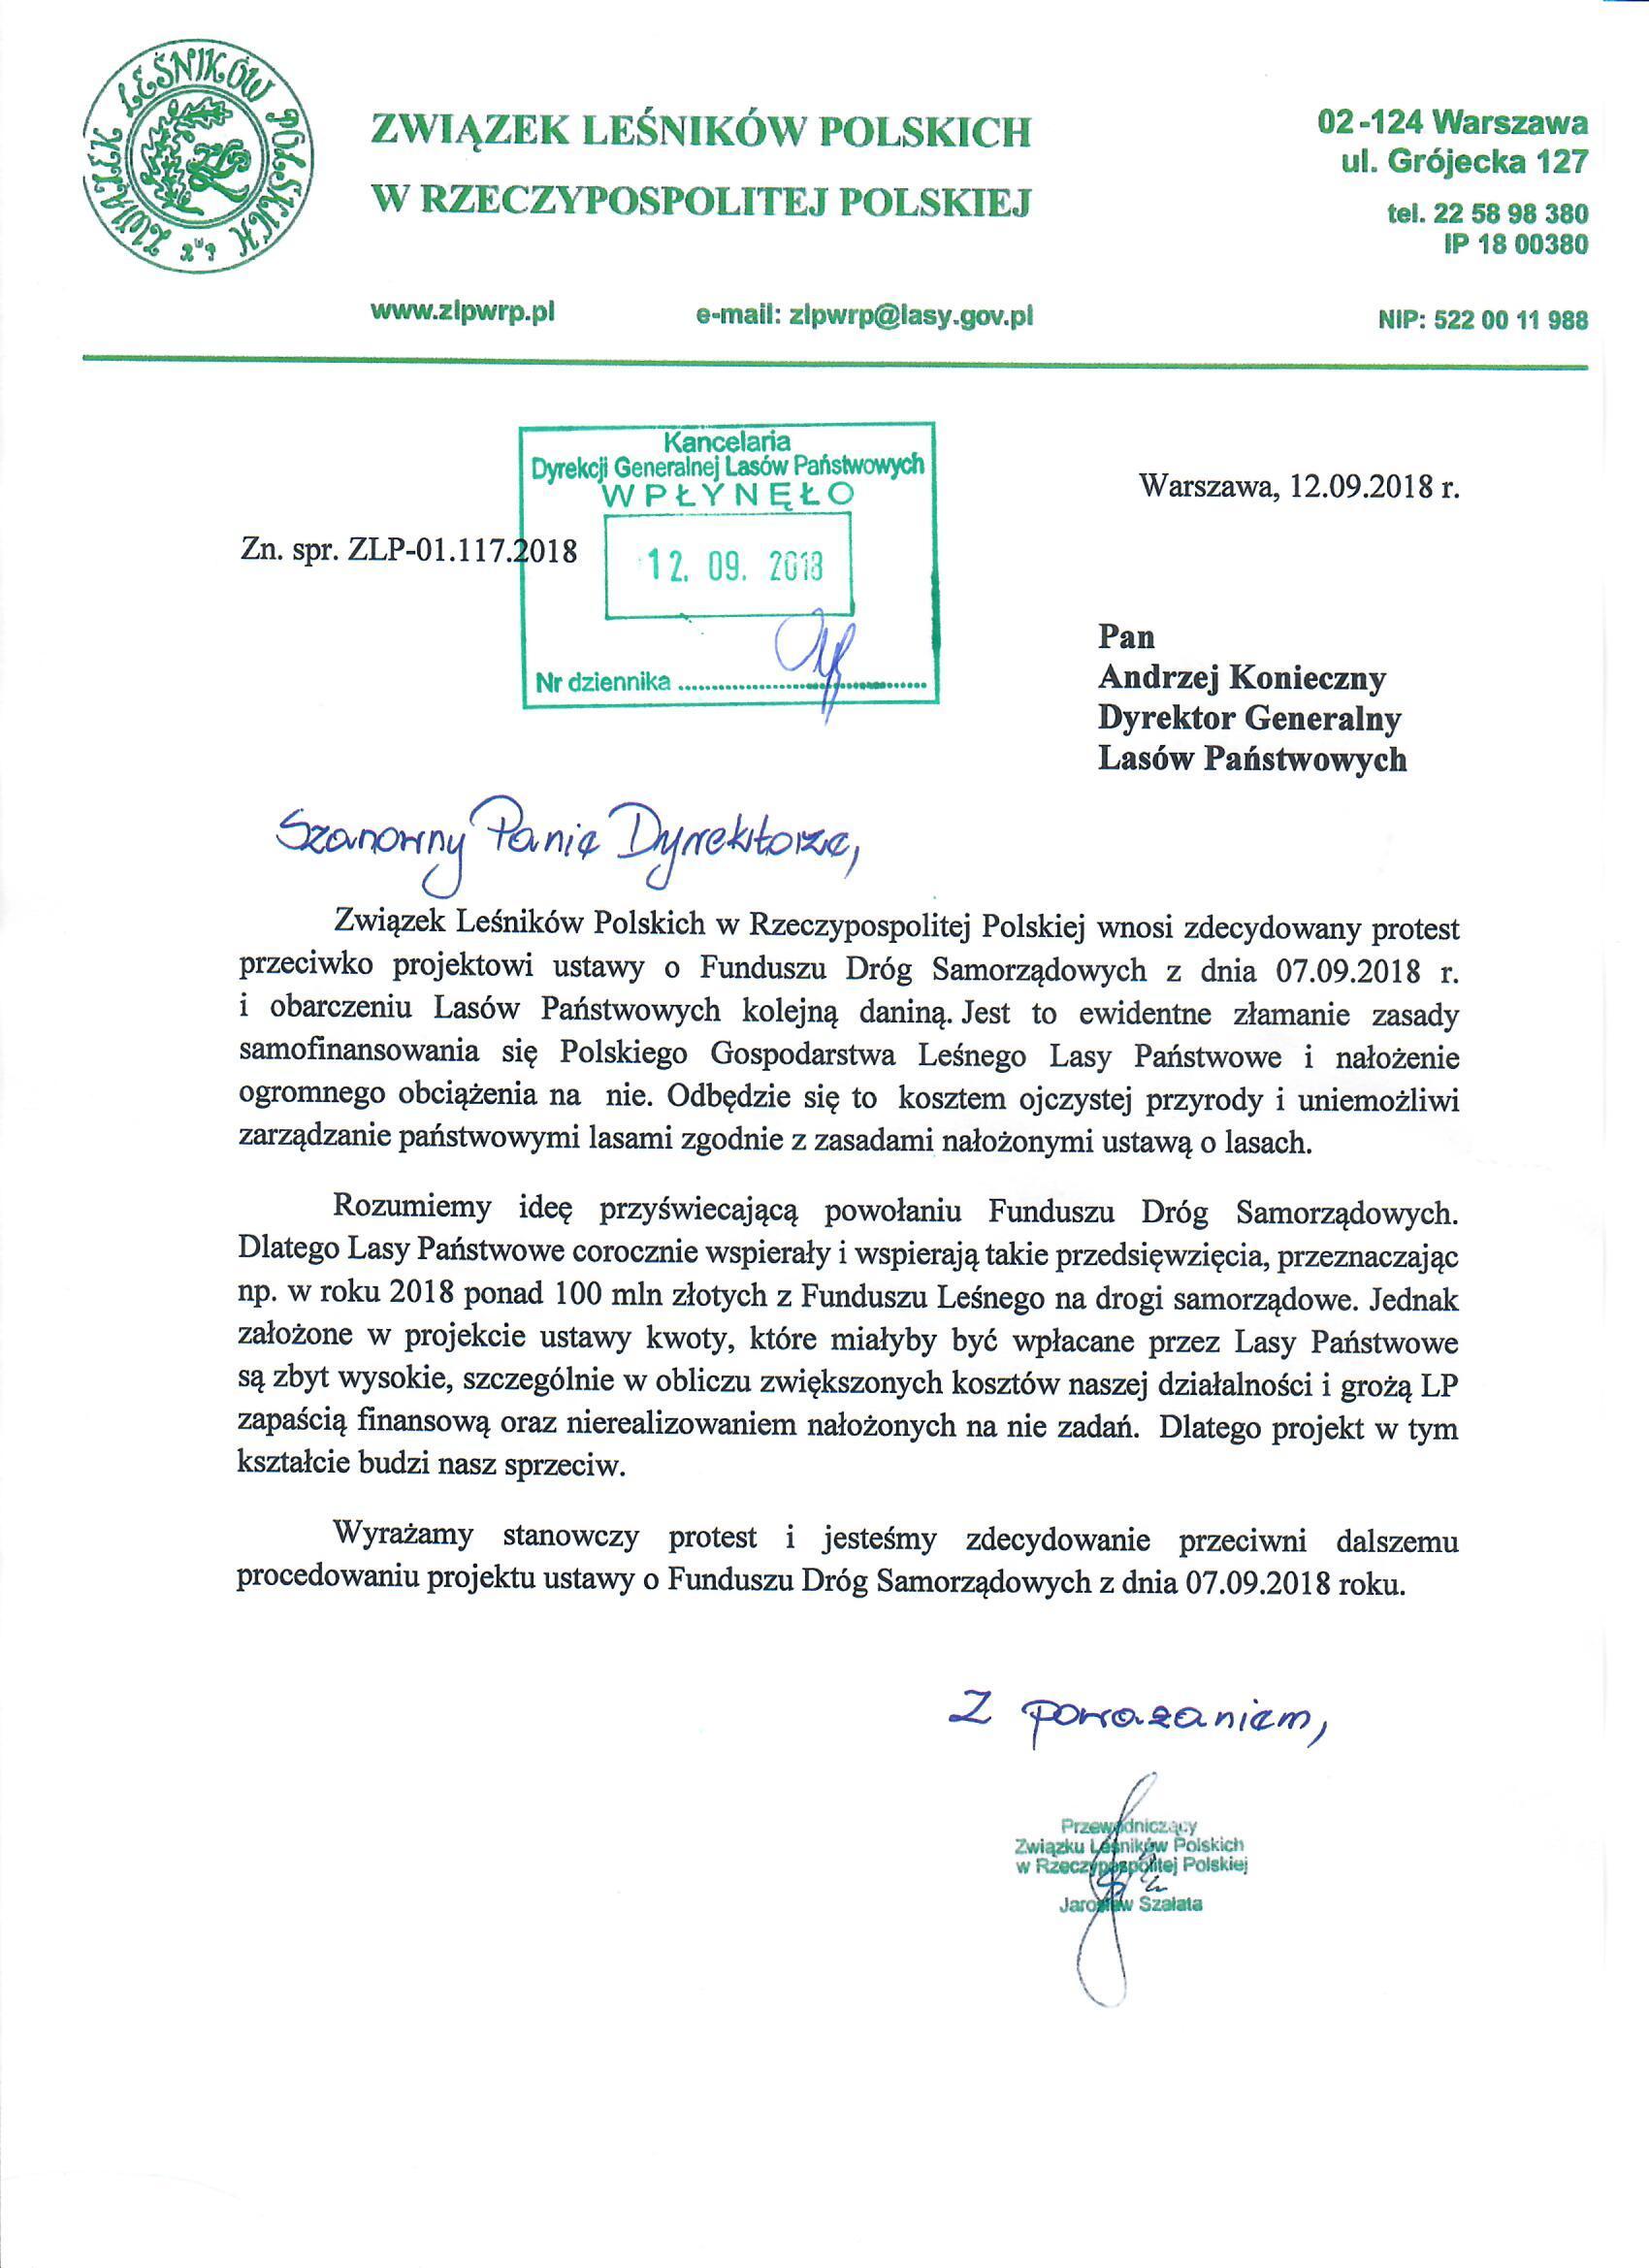 ZLP-01.116.2018_Projekt ustawy o FDS - opinia ZLP w RP - z pieczęcią